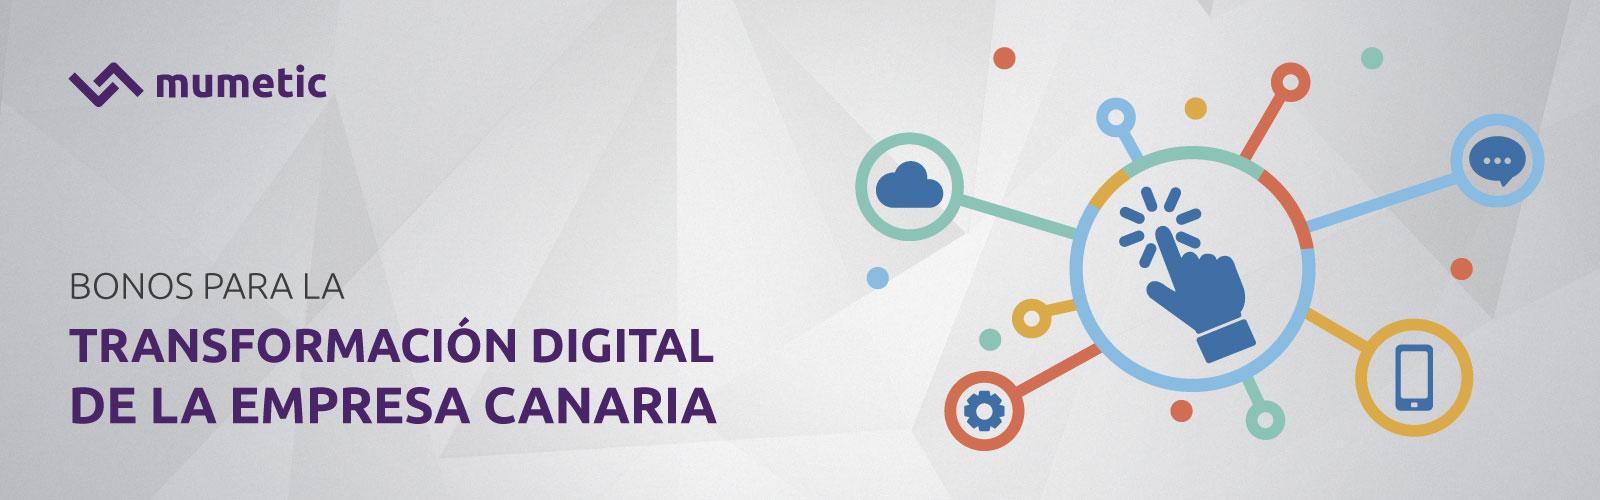 Bonos para la transformación digital de la empresa canaria | Subvención